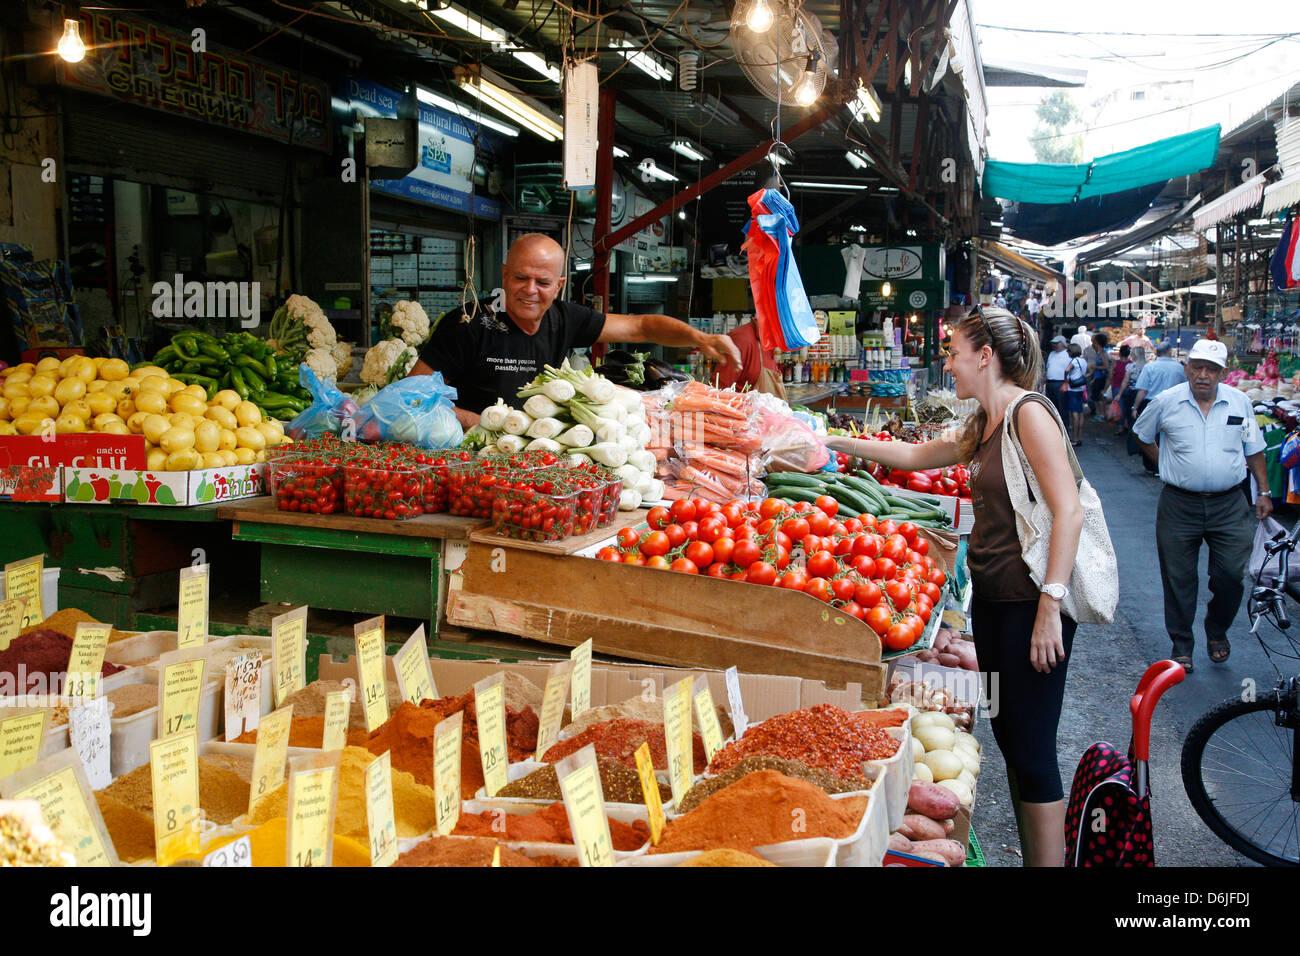 Shuk HaCarmel (Carmel Market), Tel Aviv, Israel, Middle East - Stock Image